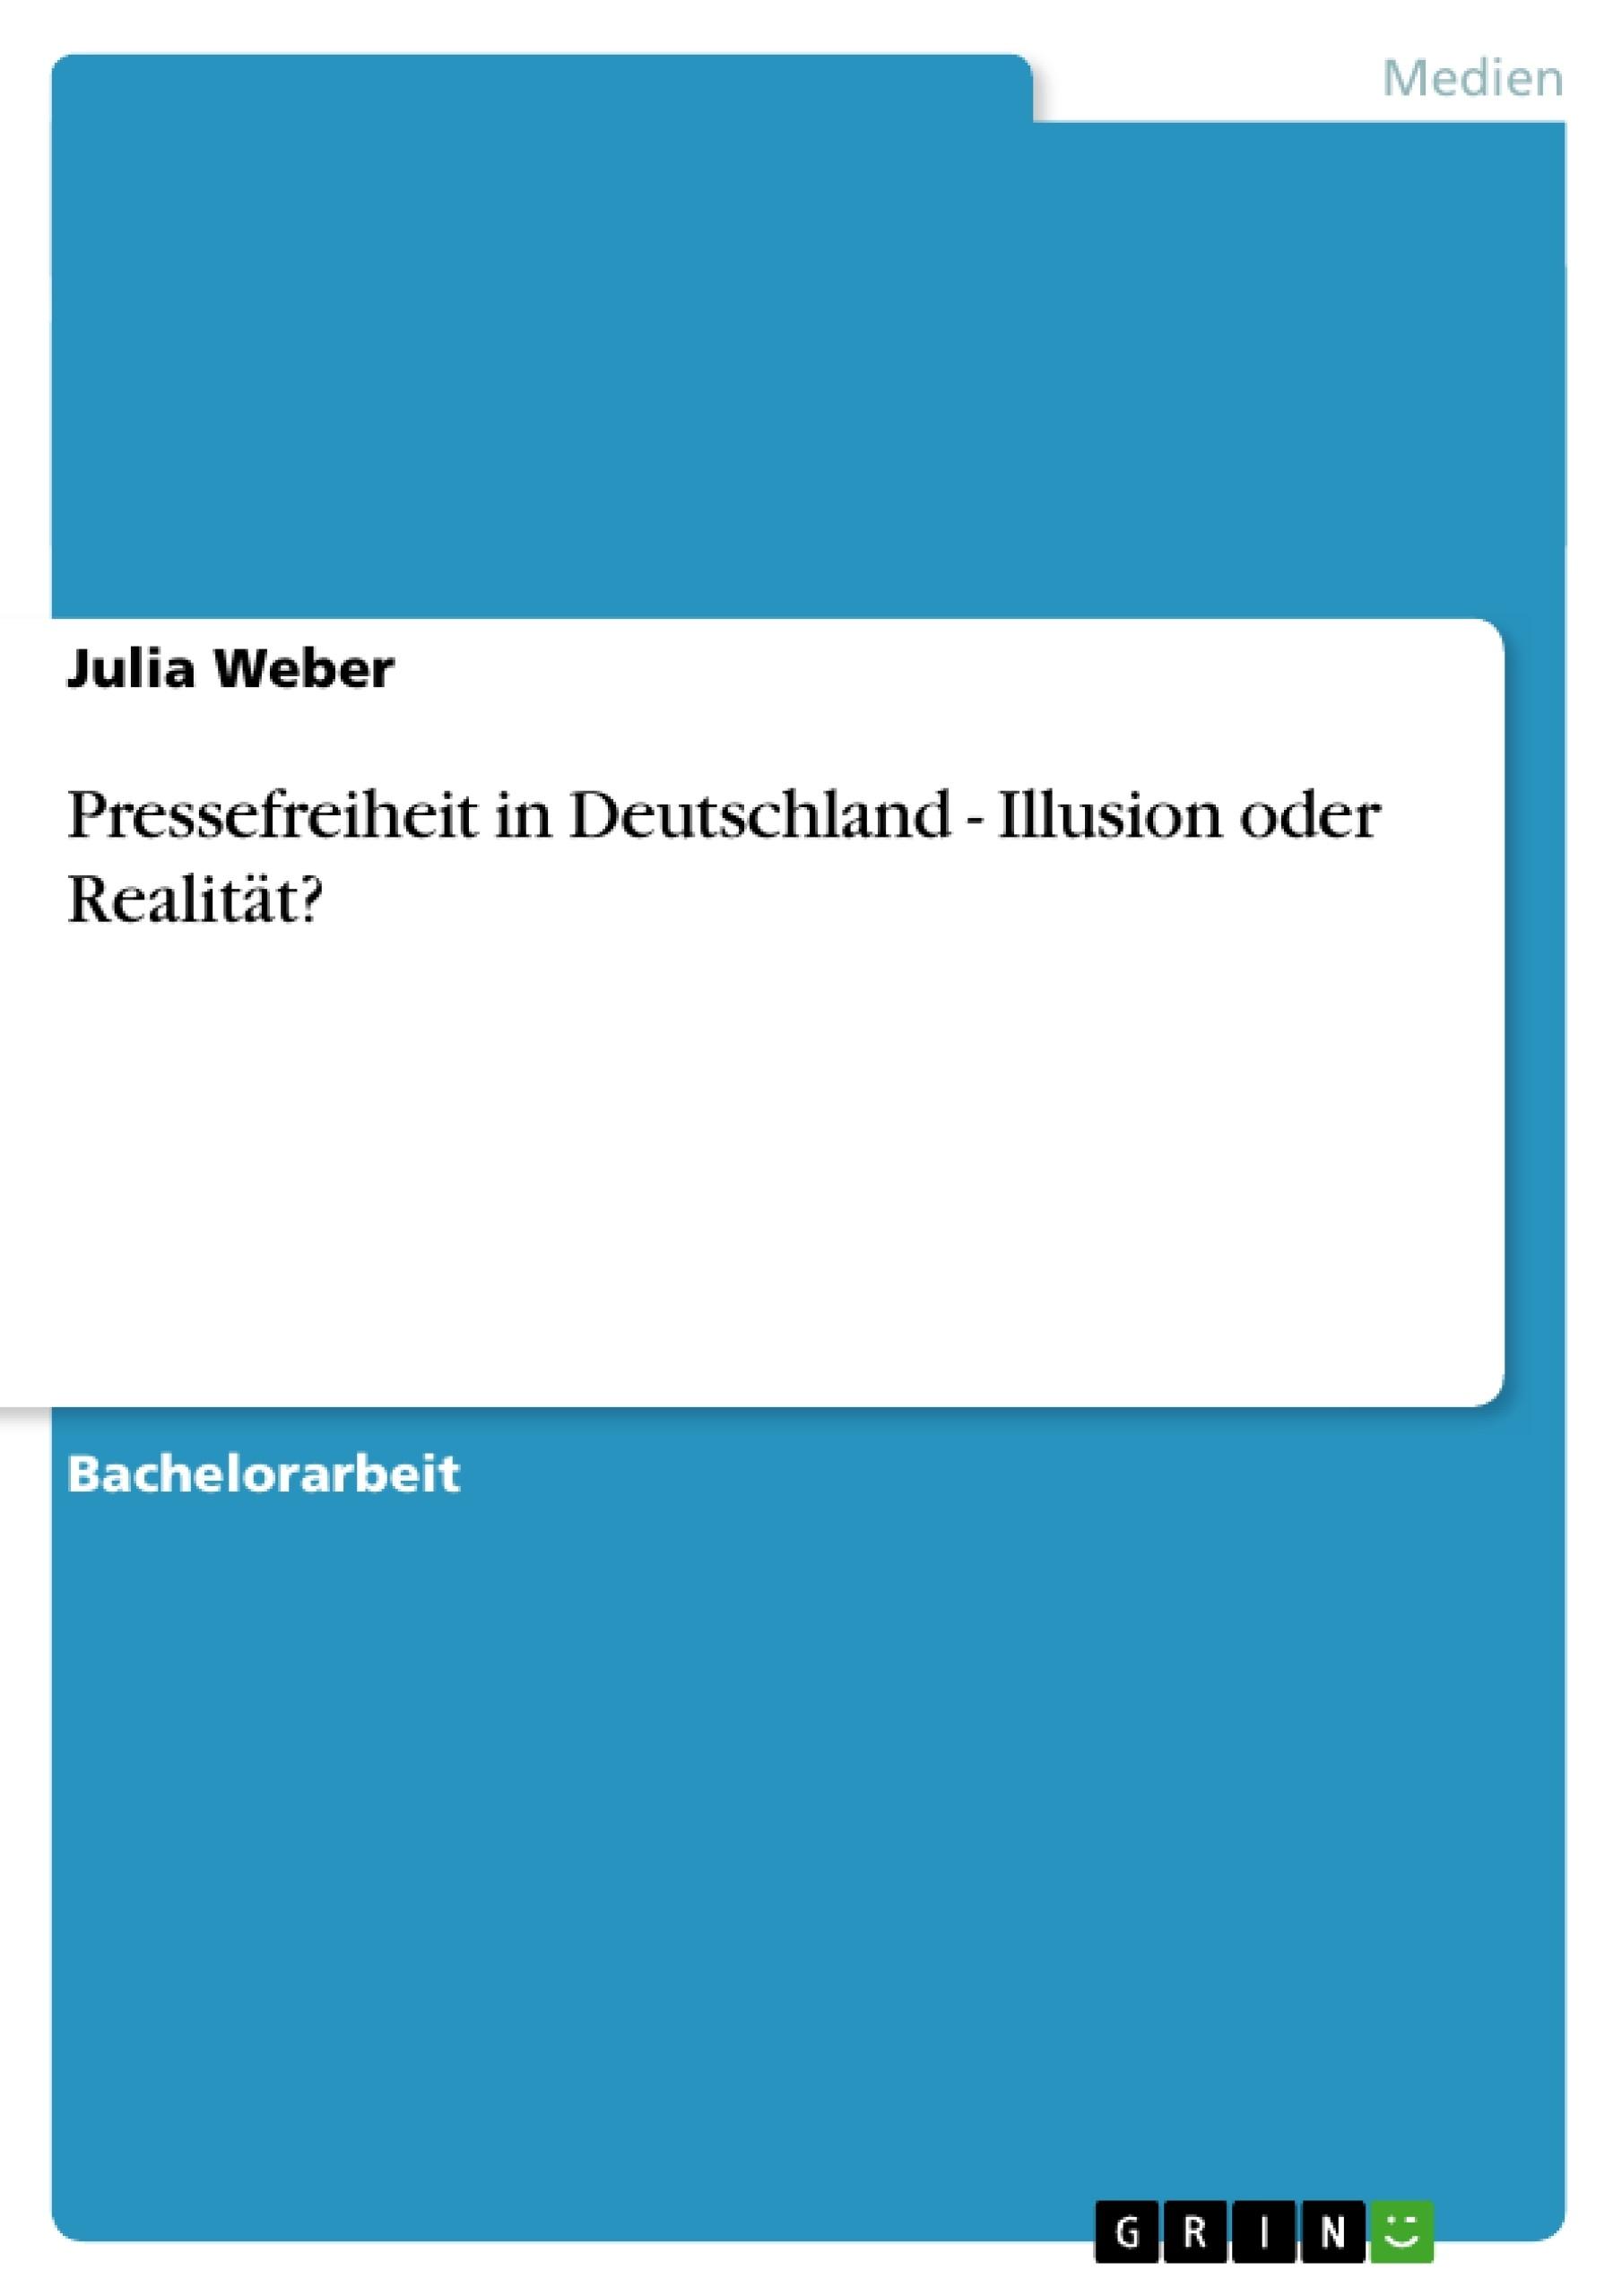 Titel: Pressefreiheit in Deutschland - Illusion oder Realität?